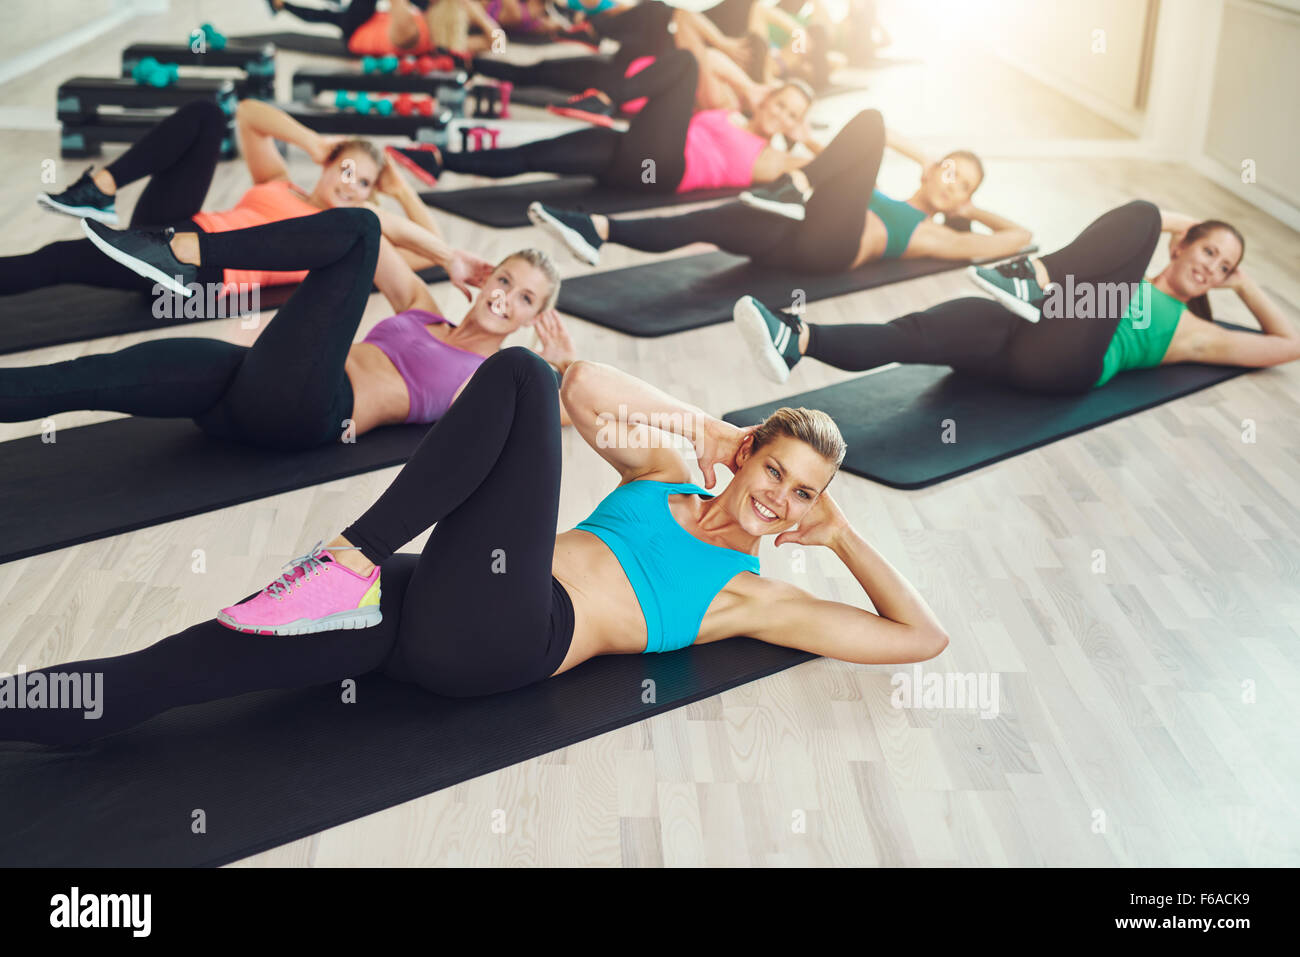 Grupo de colocar mujeres jóvenes sanos en un gimnasio vistiendo coloridos sportswear trabajando en una clase Imagen De Stock